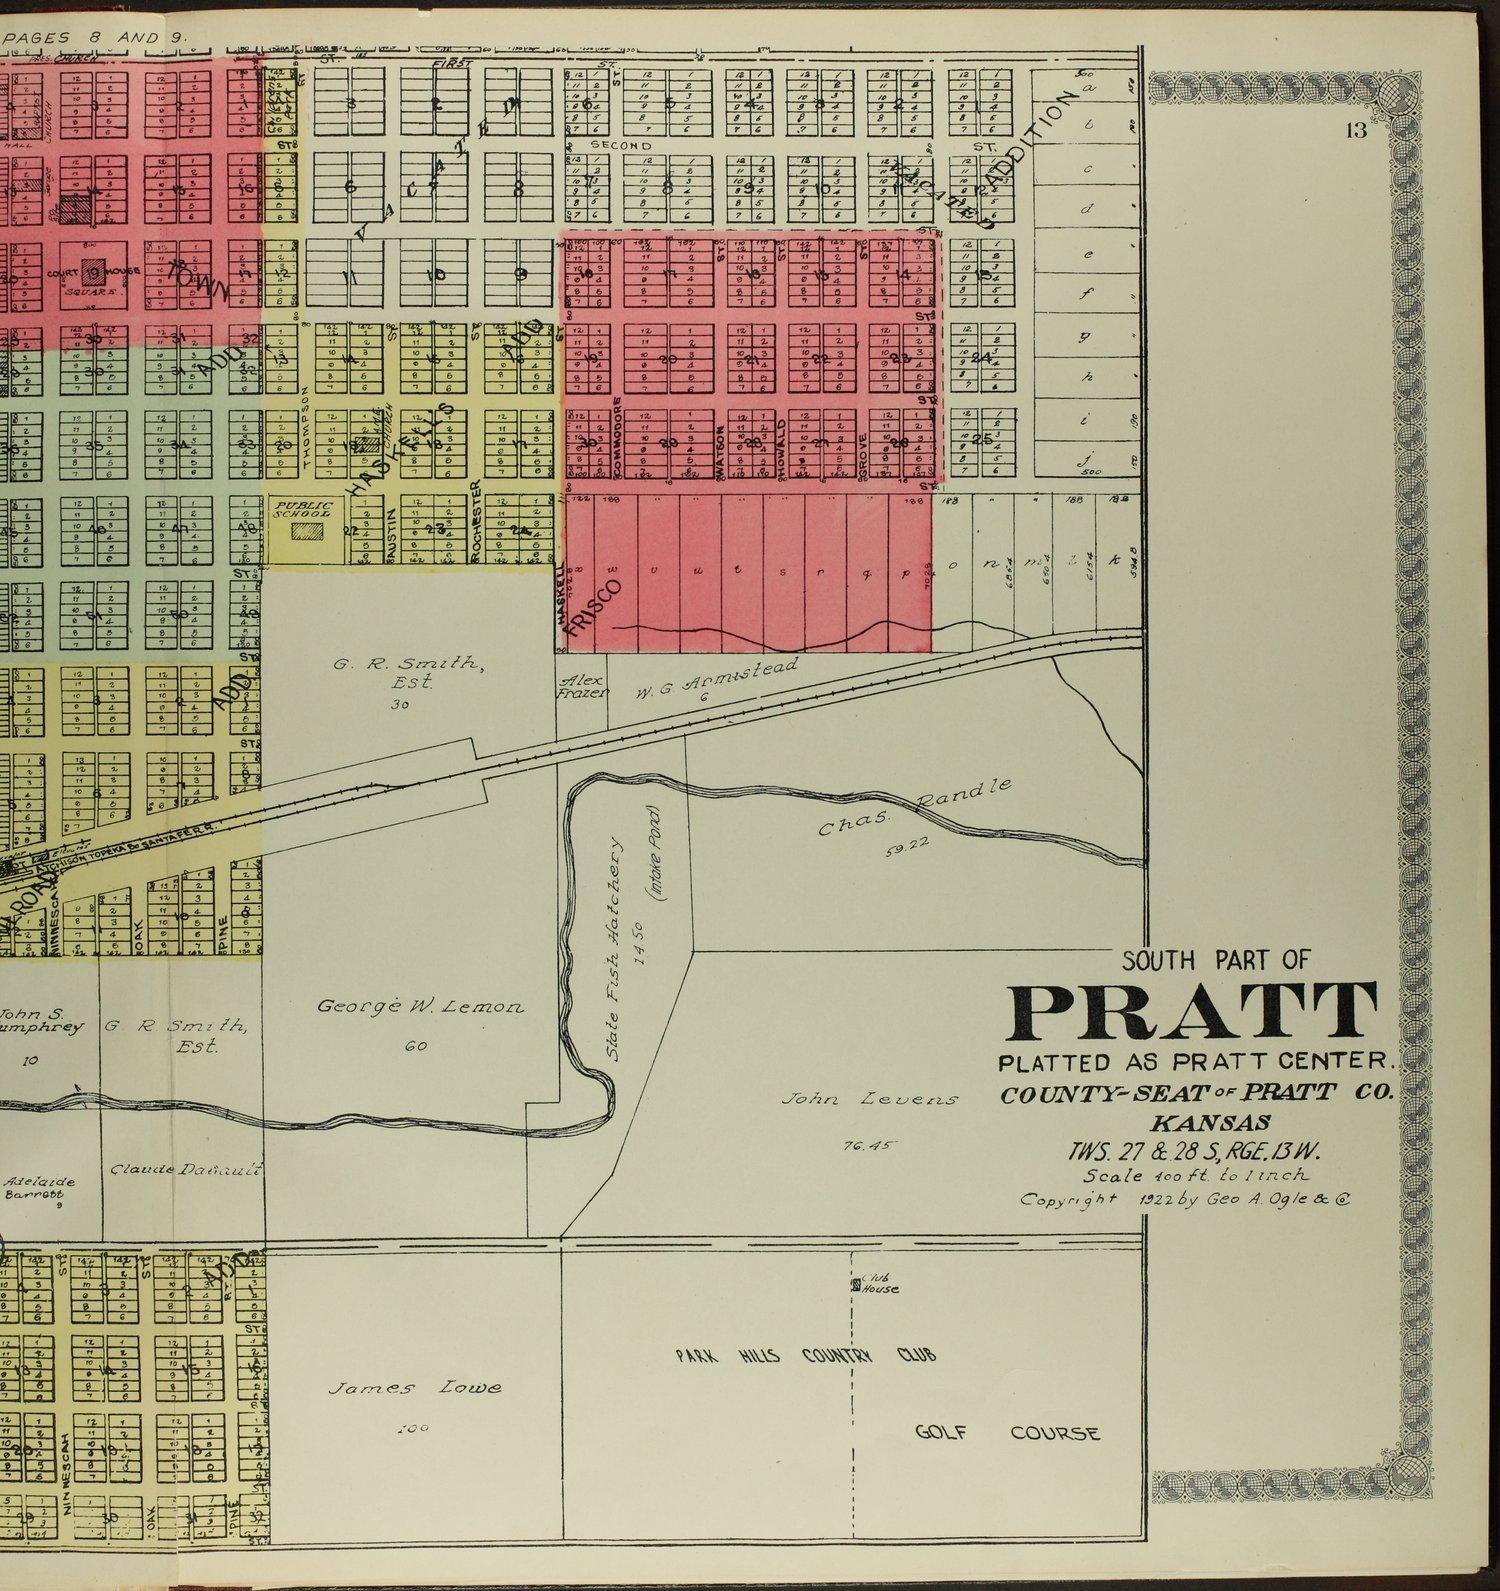 Standard atlas of Pratt County, Kansas - 13